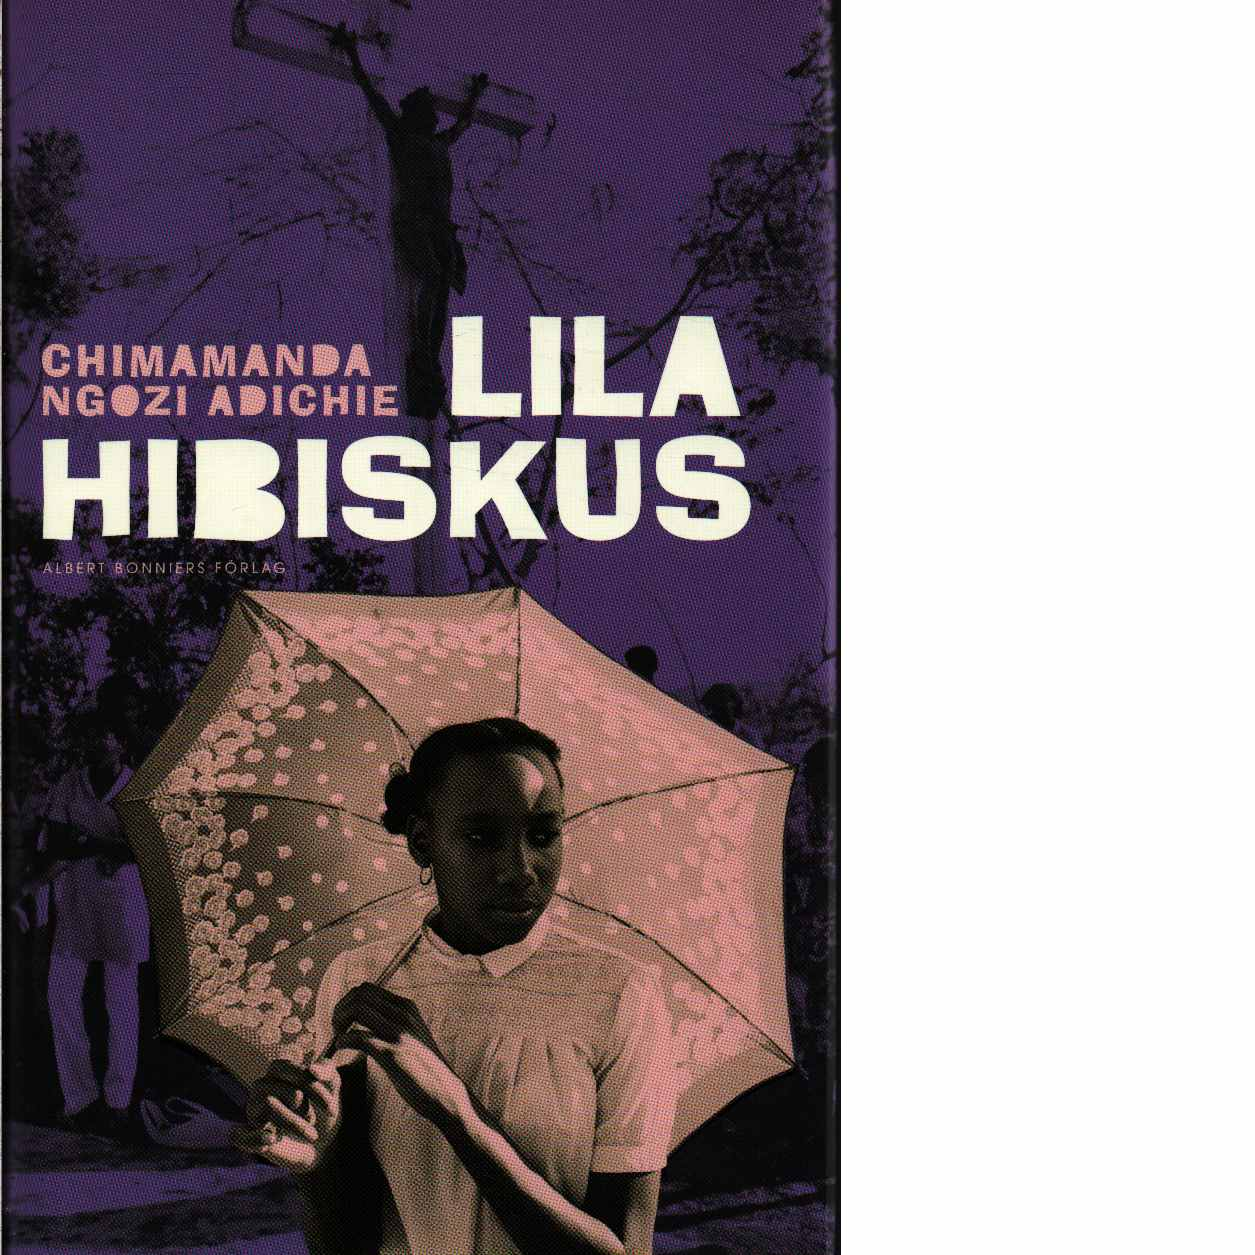 Lila hibiskus - Adichie, Chimamanda Ngozi